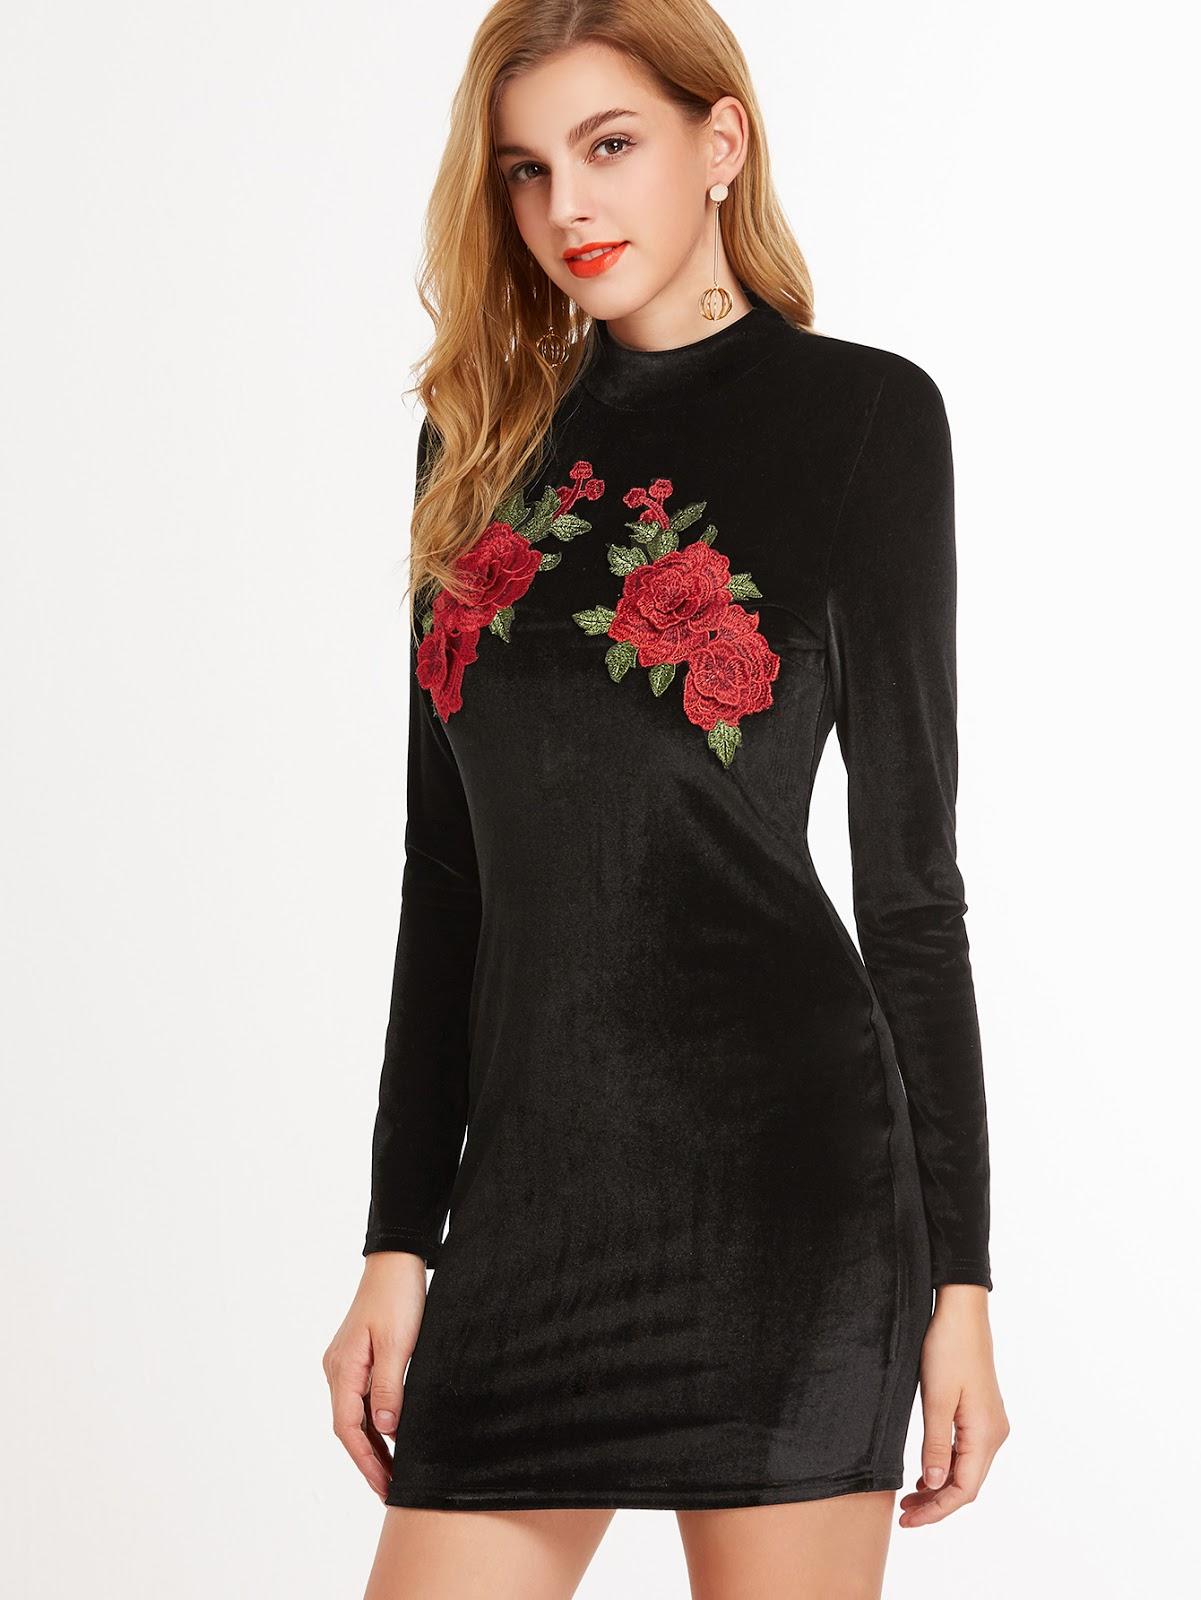 Black Embroidered Flower Applique Velvet Bodycon Dress